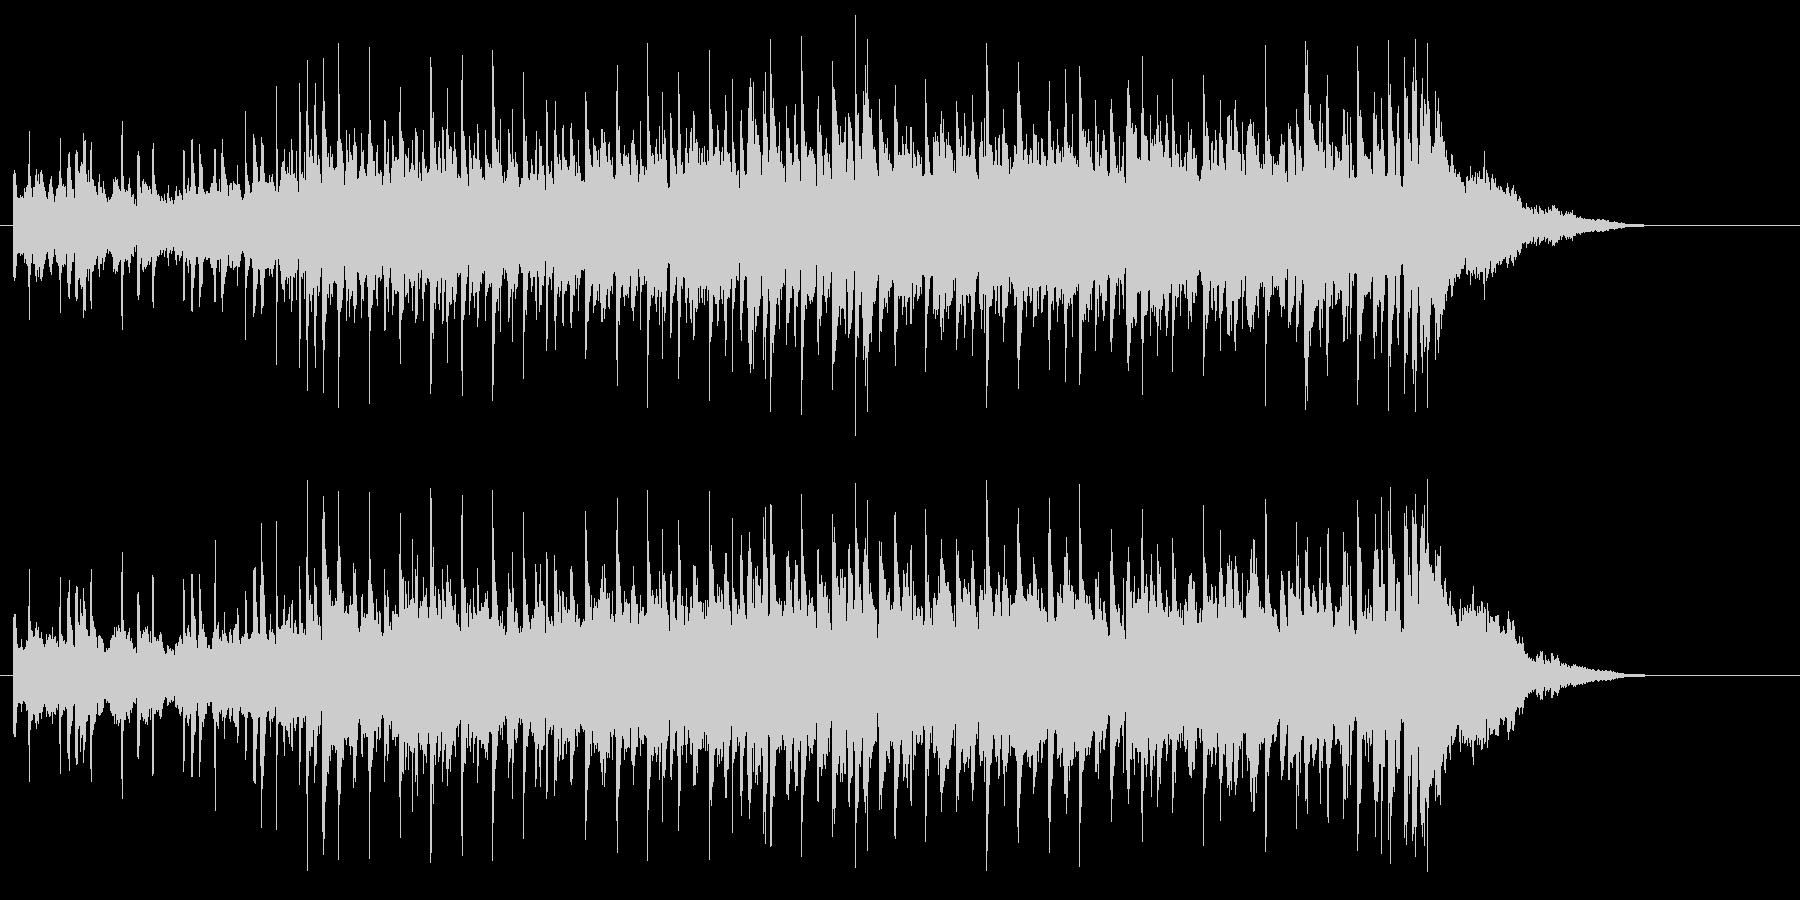 アダルトなナイトエレガンスサウンドの未再生の波形